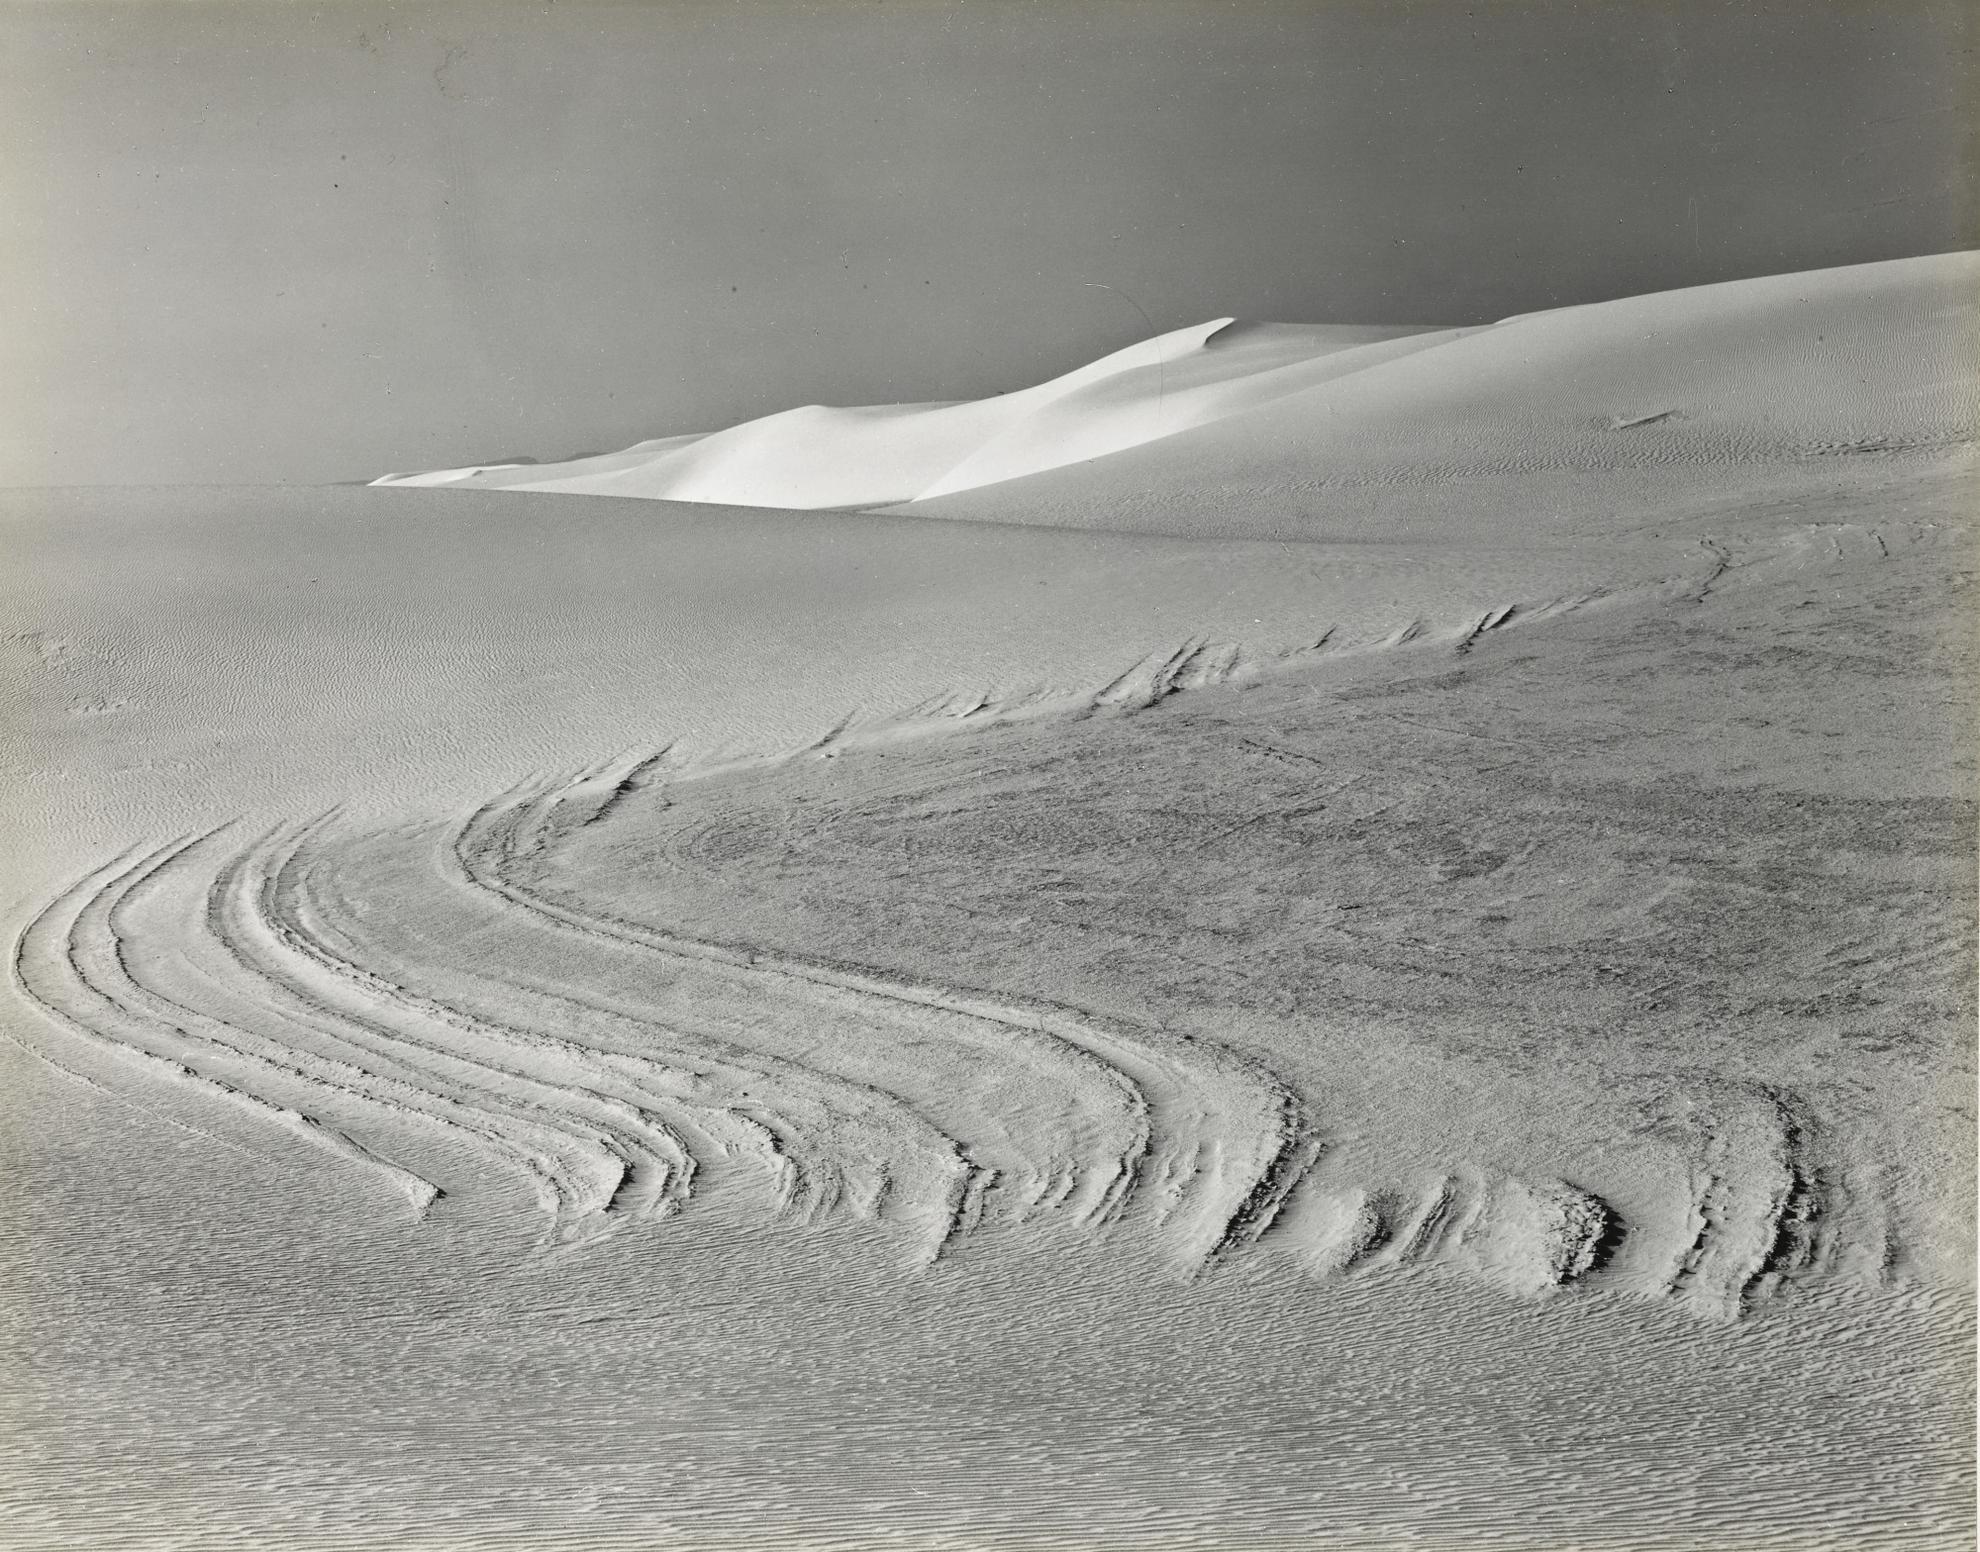 Edward Weston-White Sands, New Mexico-1940